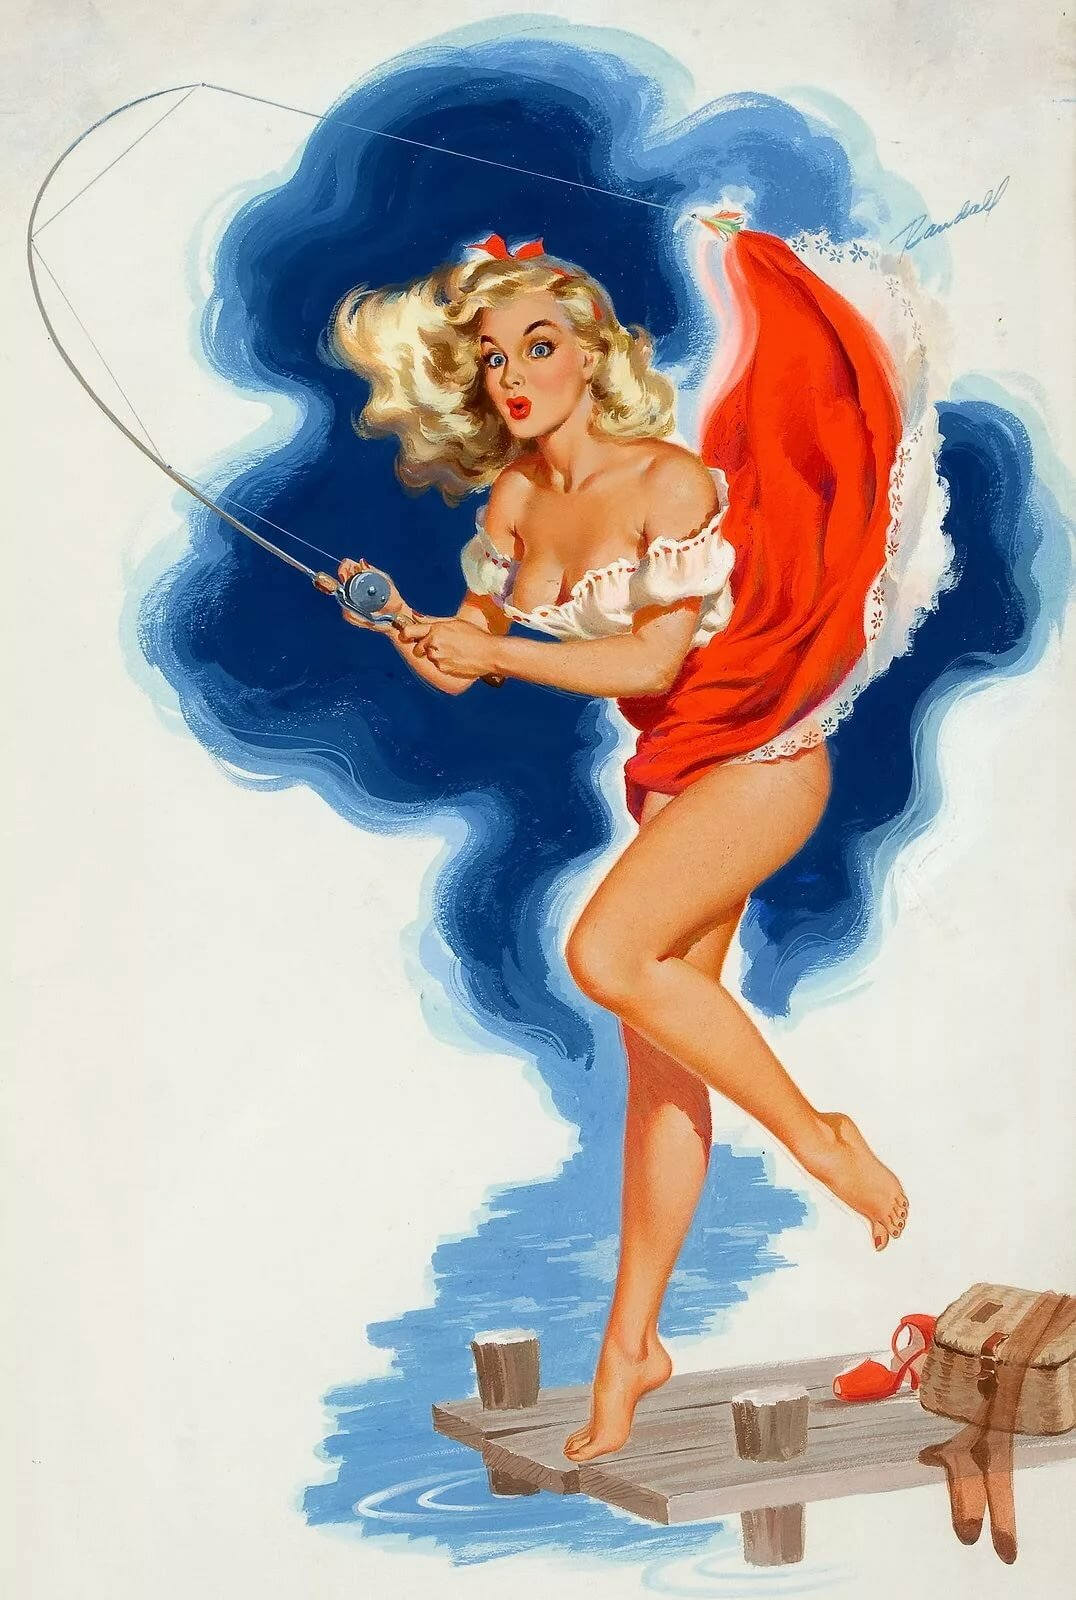 картинки пин ап рыбалка египетской мифологии было